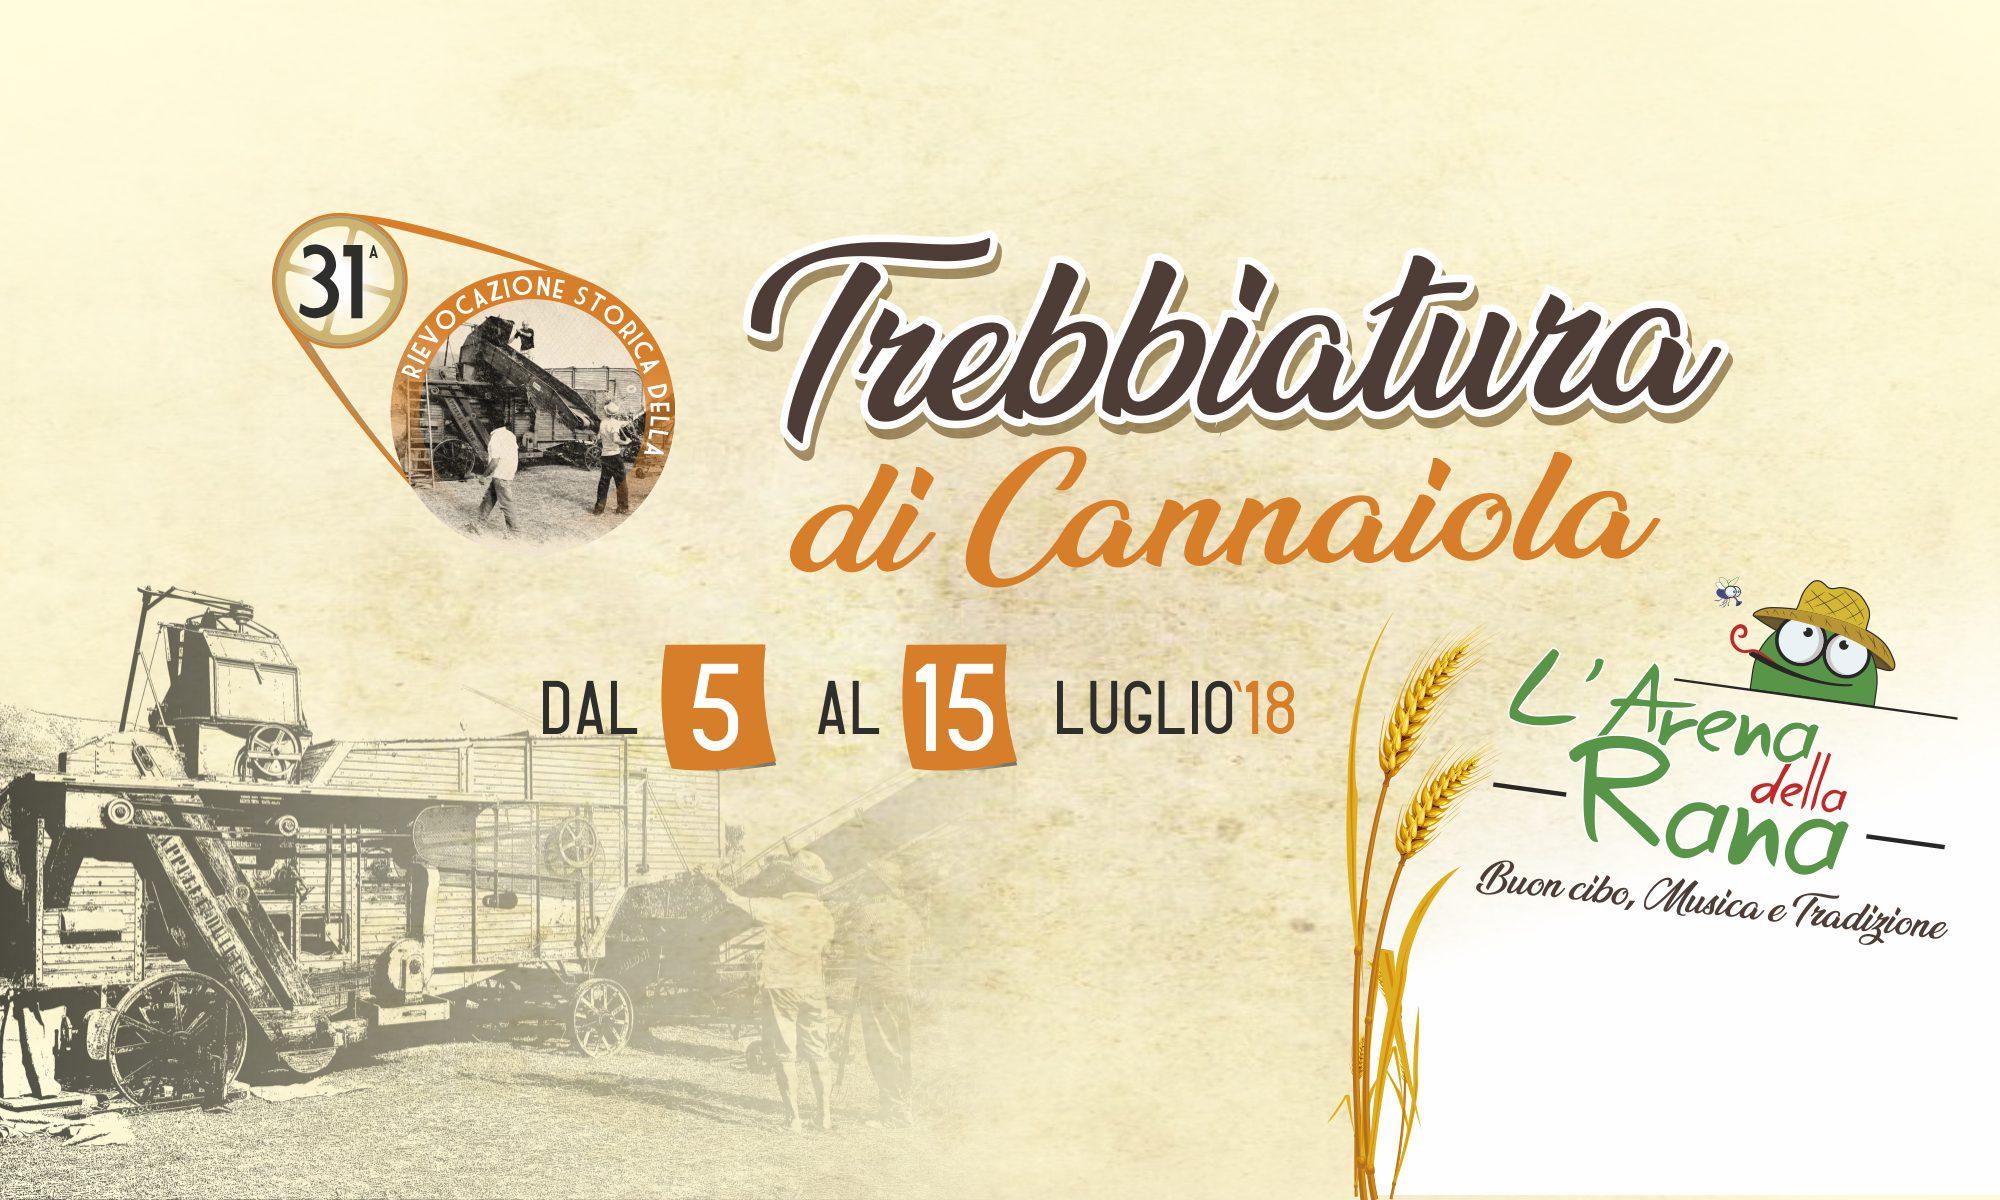 www.cannaiola.it